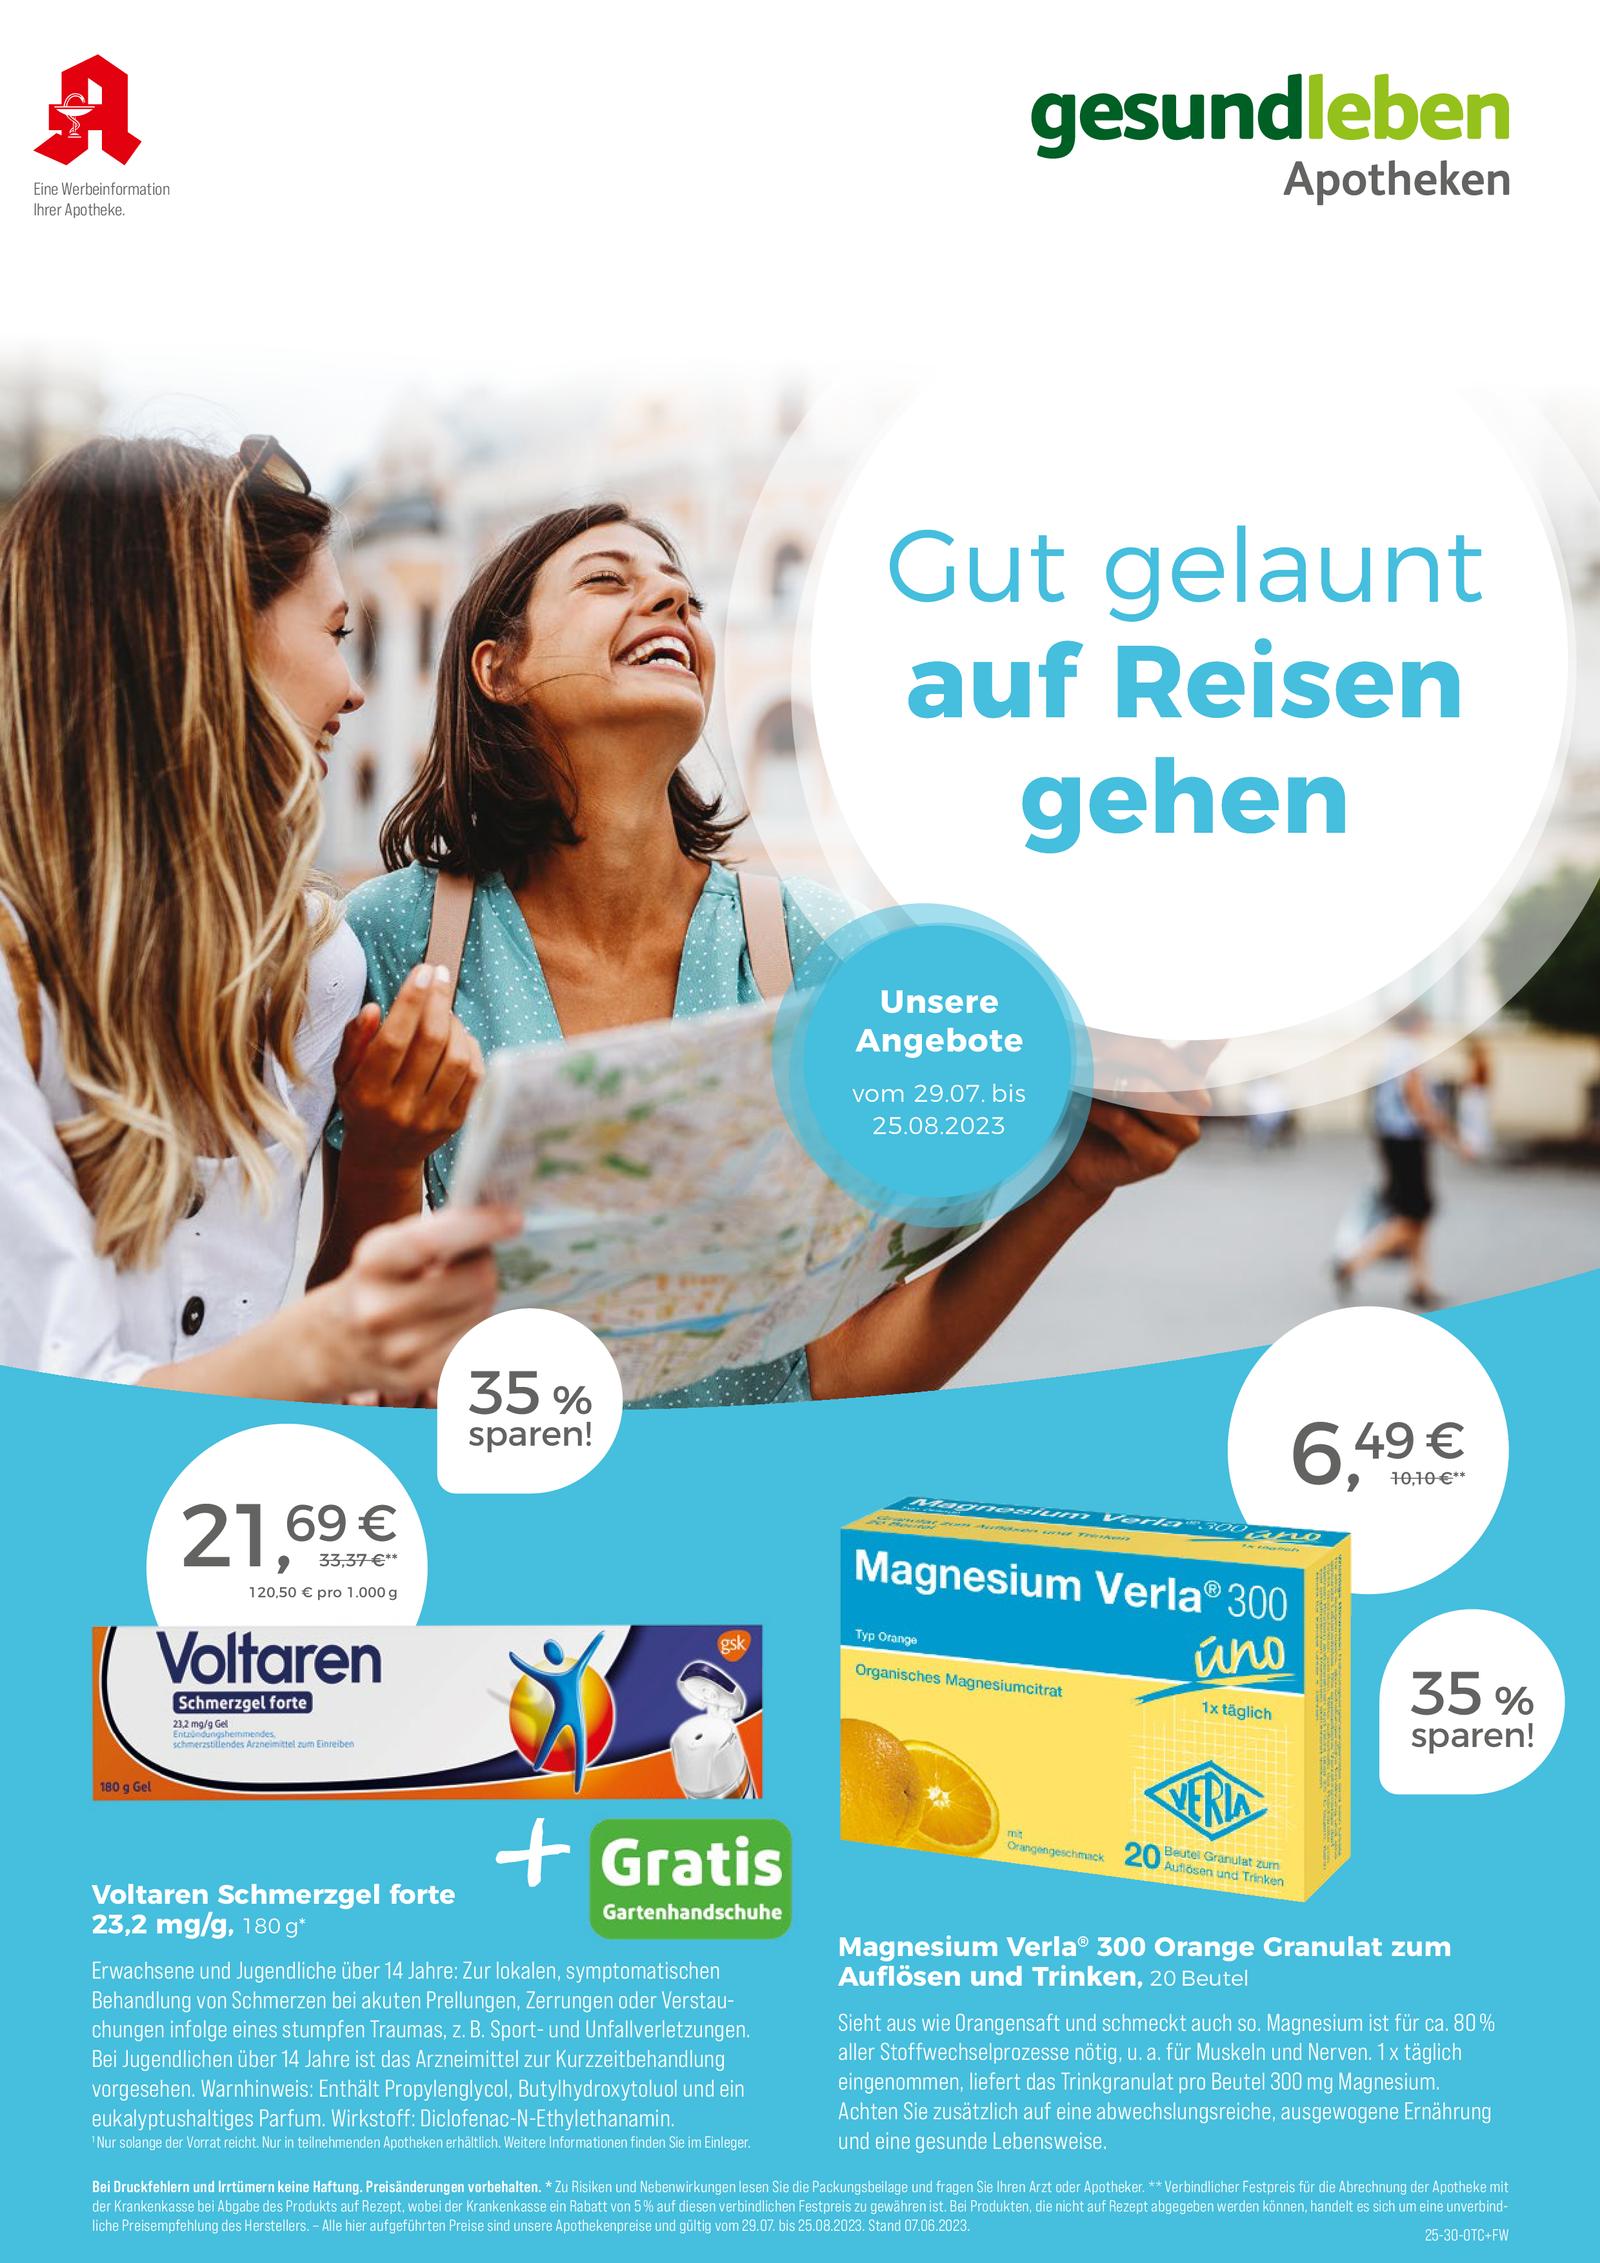 https://mein-uploads.apocdn.net/1832/leaflets/gesundleben_hoch-Seite1.png